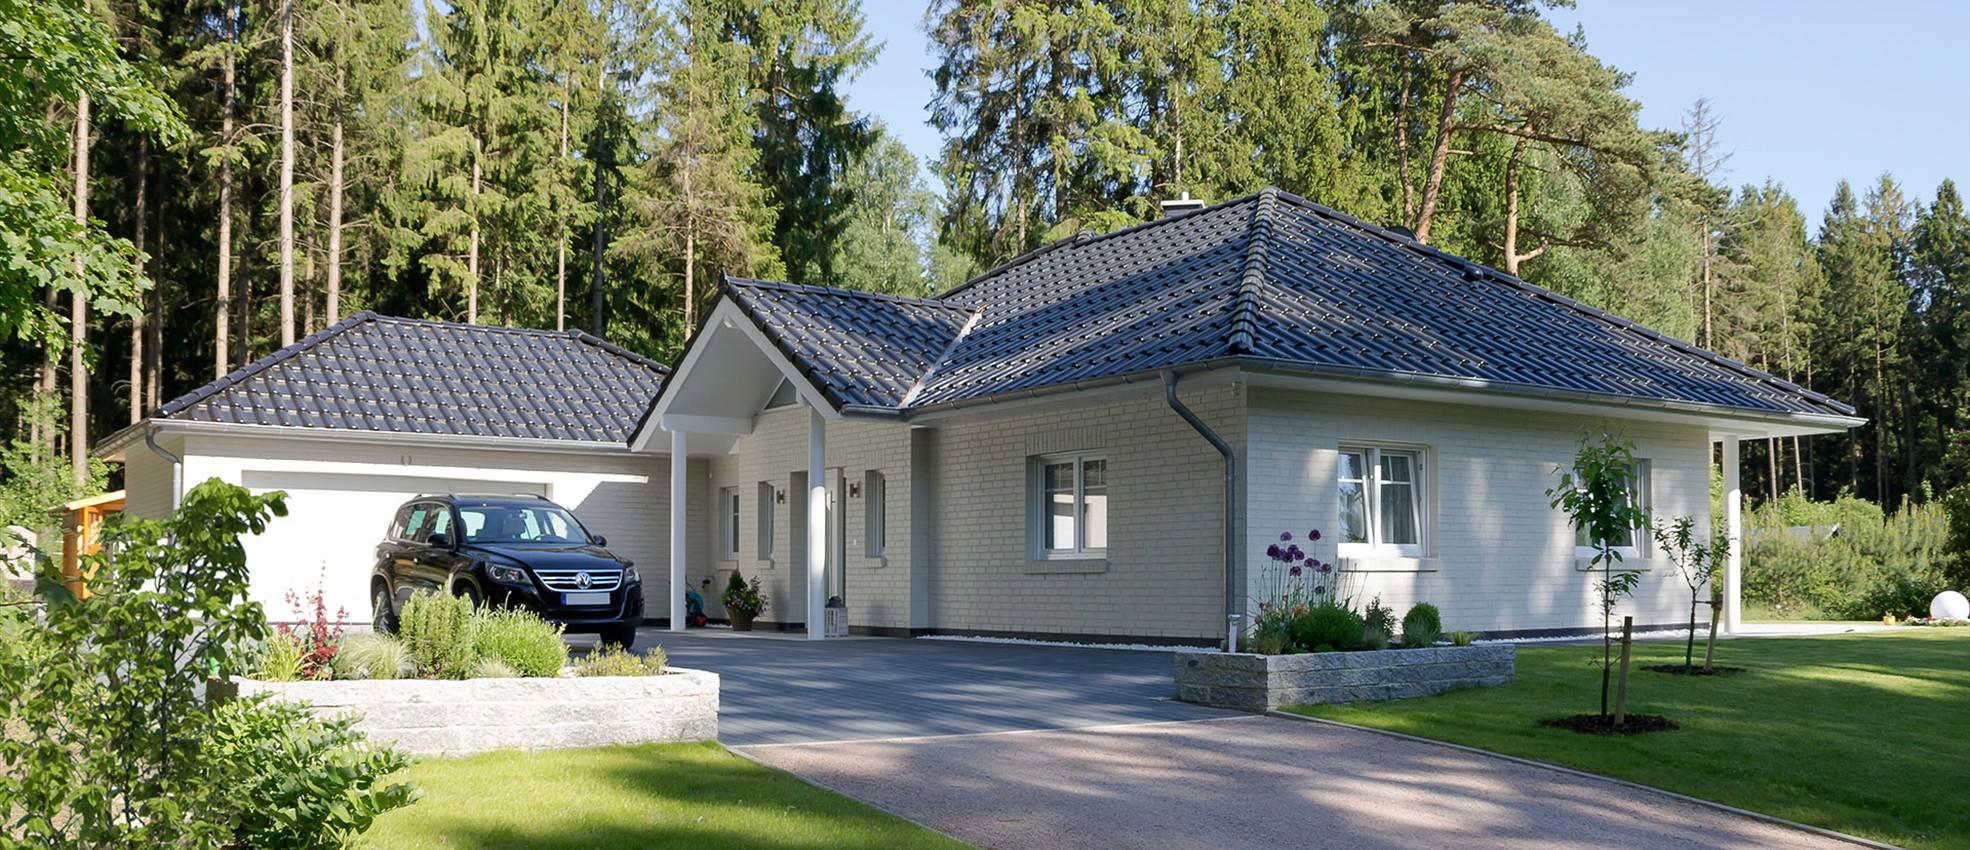 Haus Bauen Kiel olfa haus gmbh schlüsselfertiges bauen fertighäuser hausbau